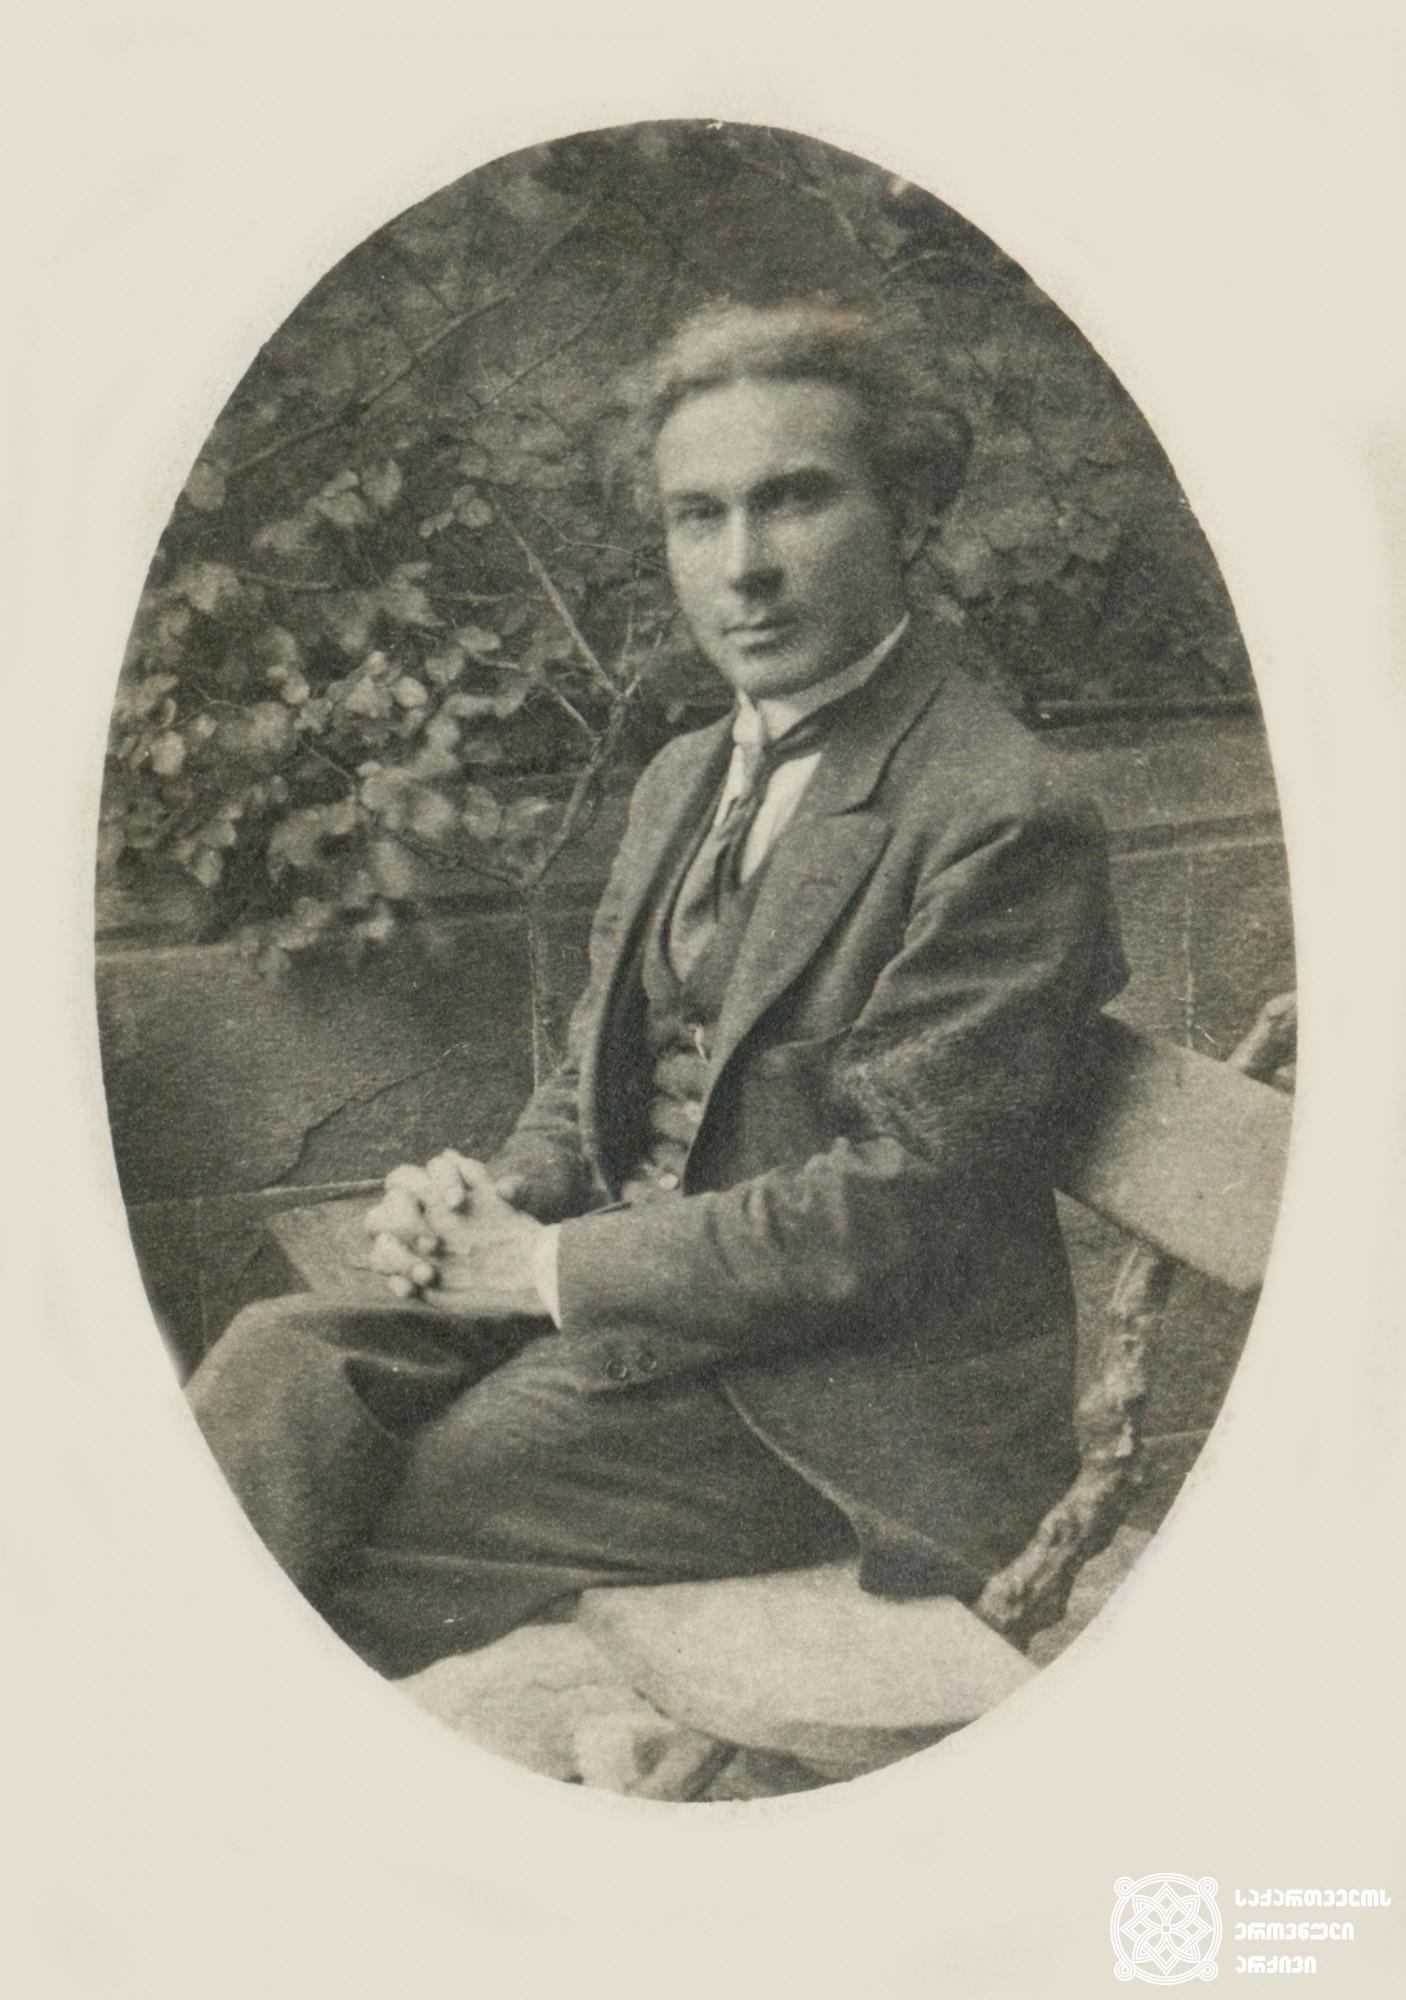 იოსებ გობეჩია - ამიერკავკასიის სეიმის წევრი სოციალ-რევოლუციონერთა პარტიიდან. <br> Ioseb Gobechia, member of the Transcaucasian Sejm from the Social-Revolutionary Party